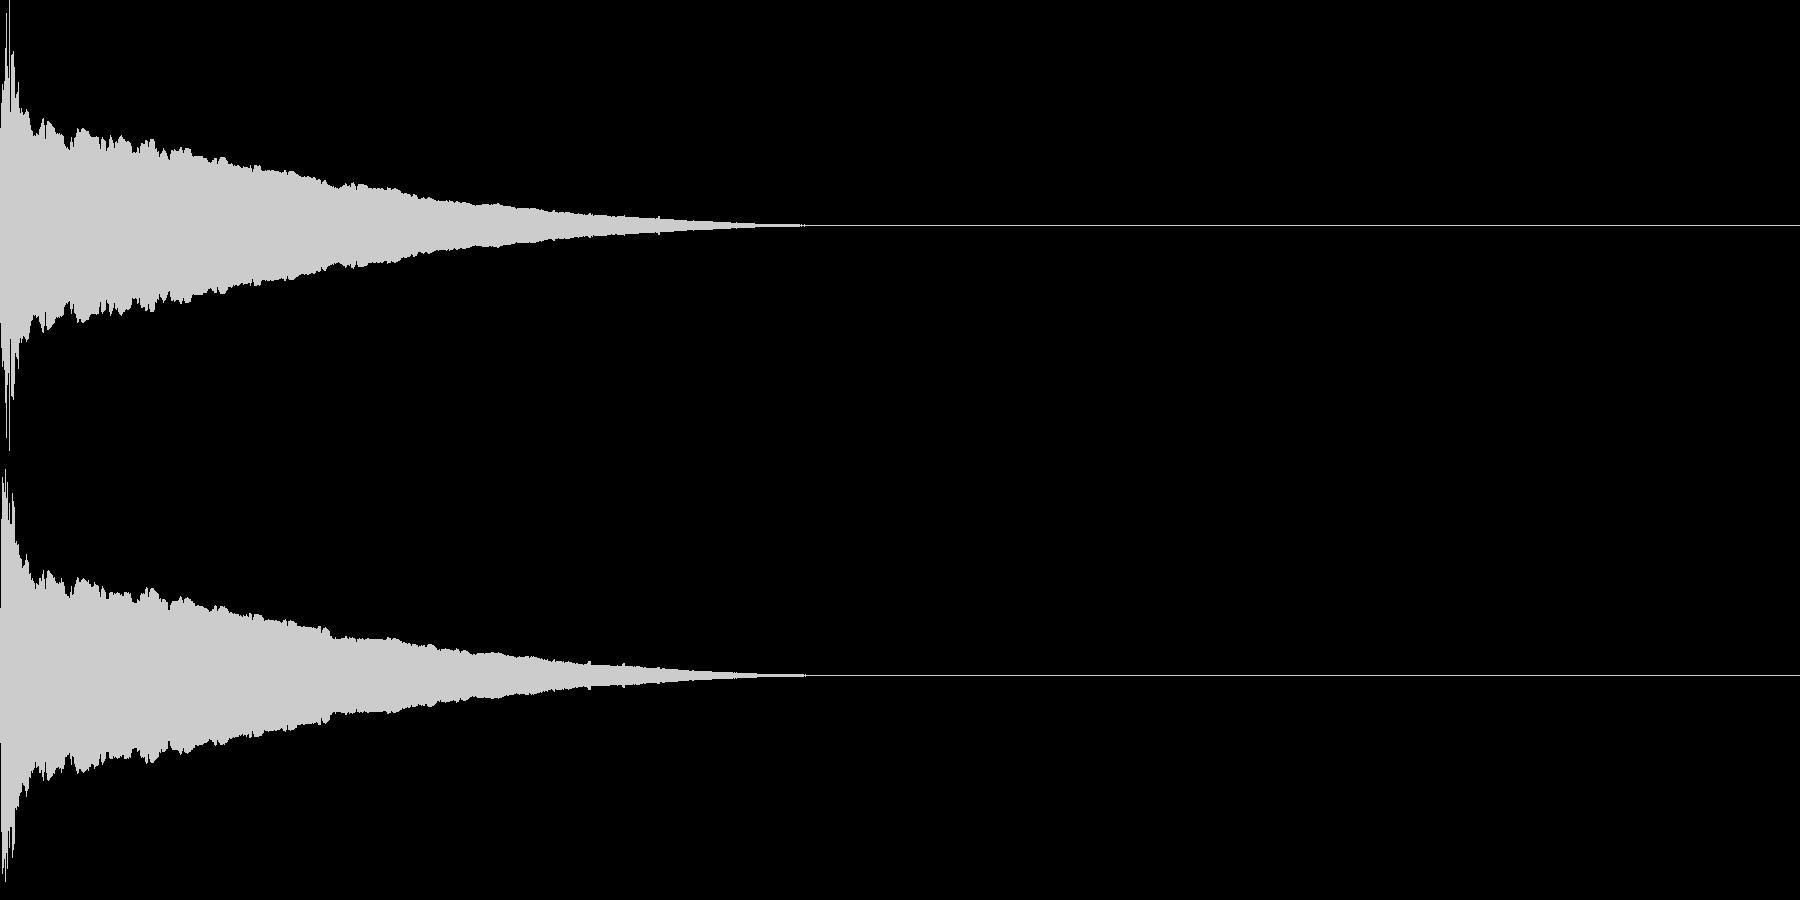 ピューン(低下_連続)の未再生の波形